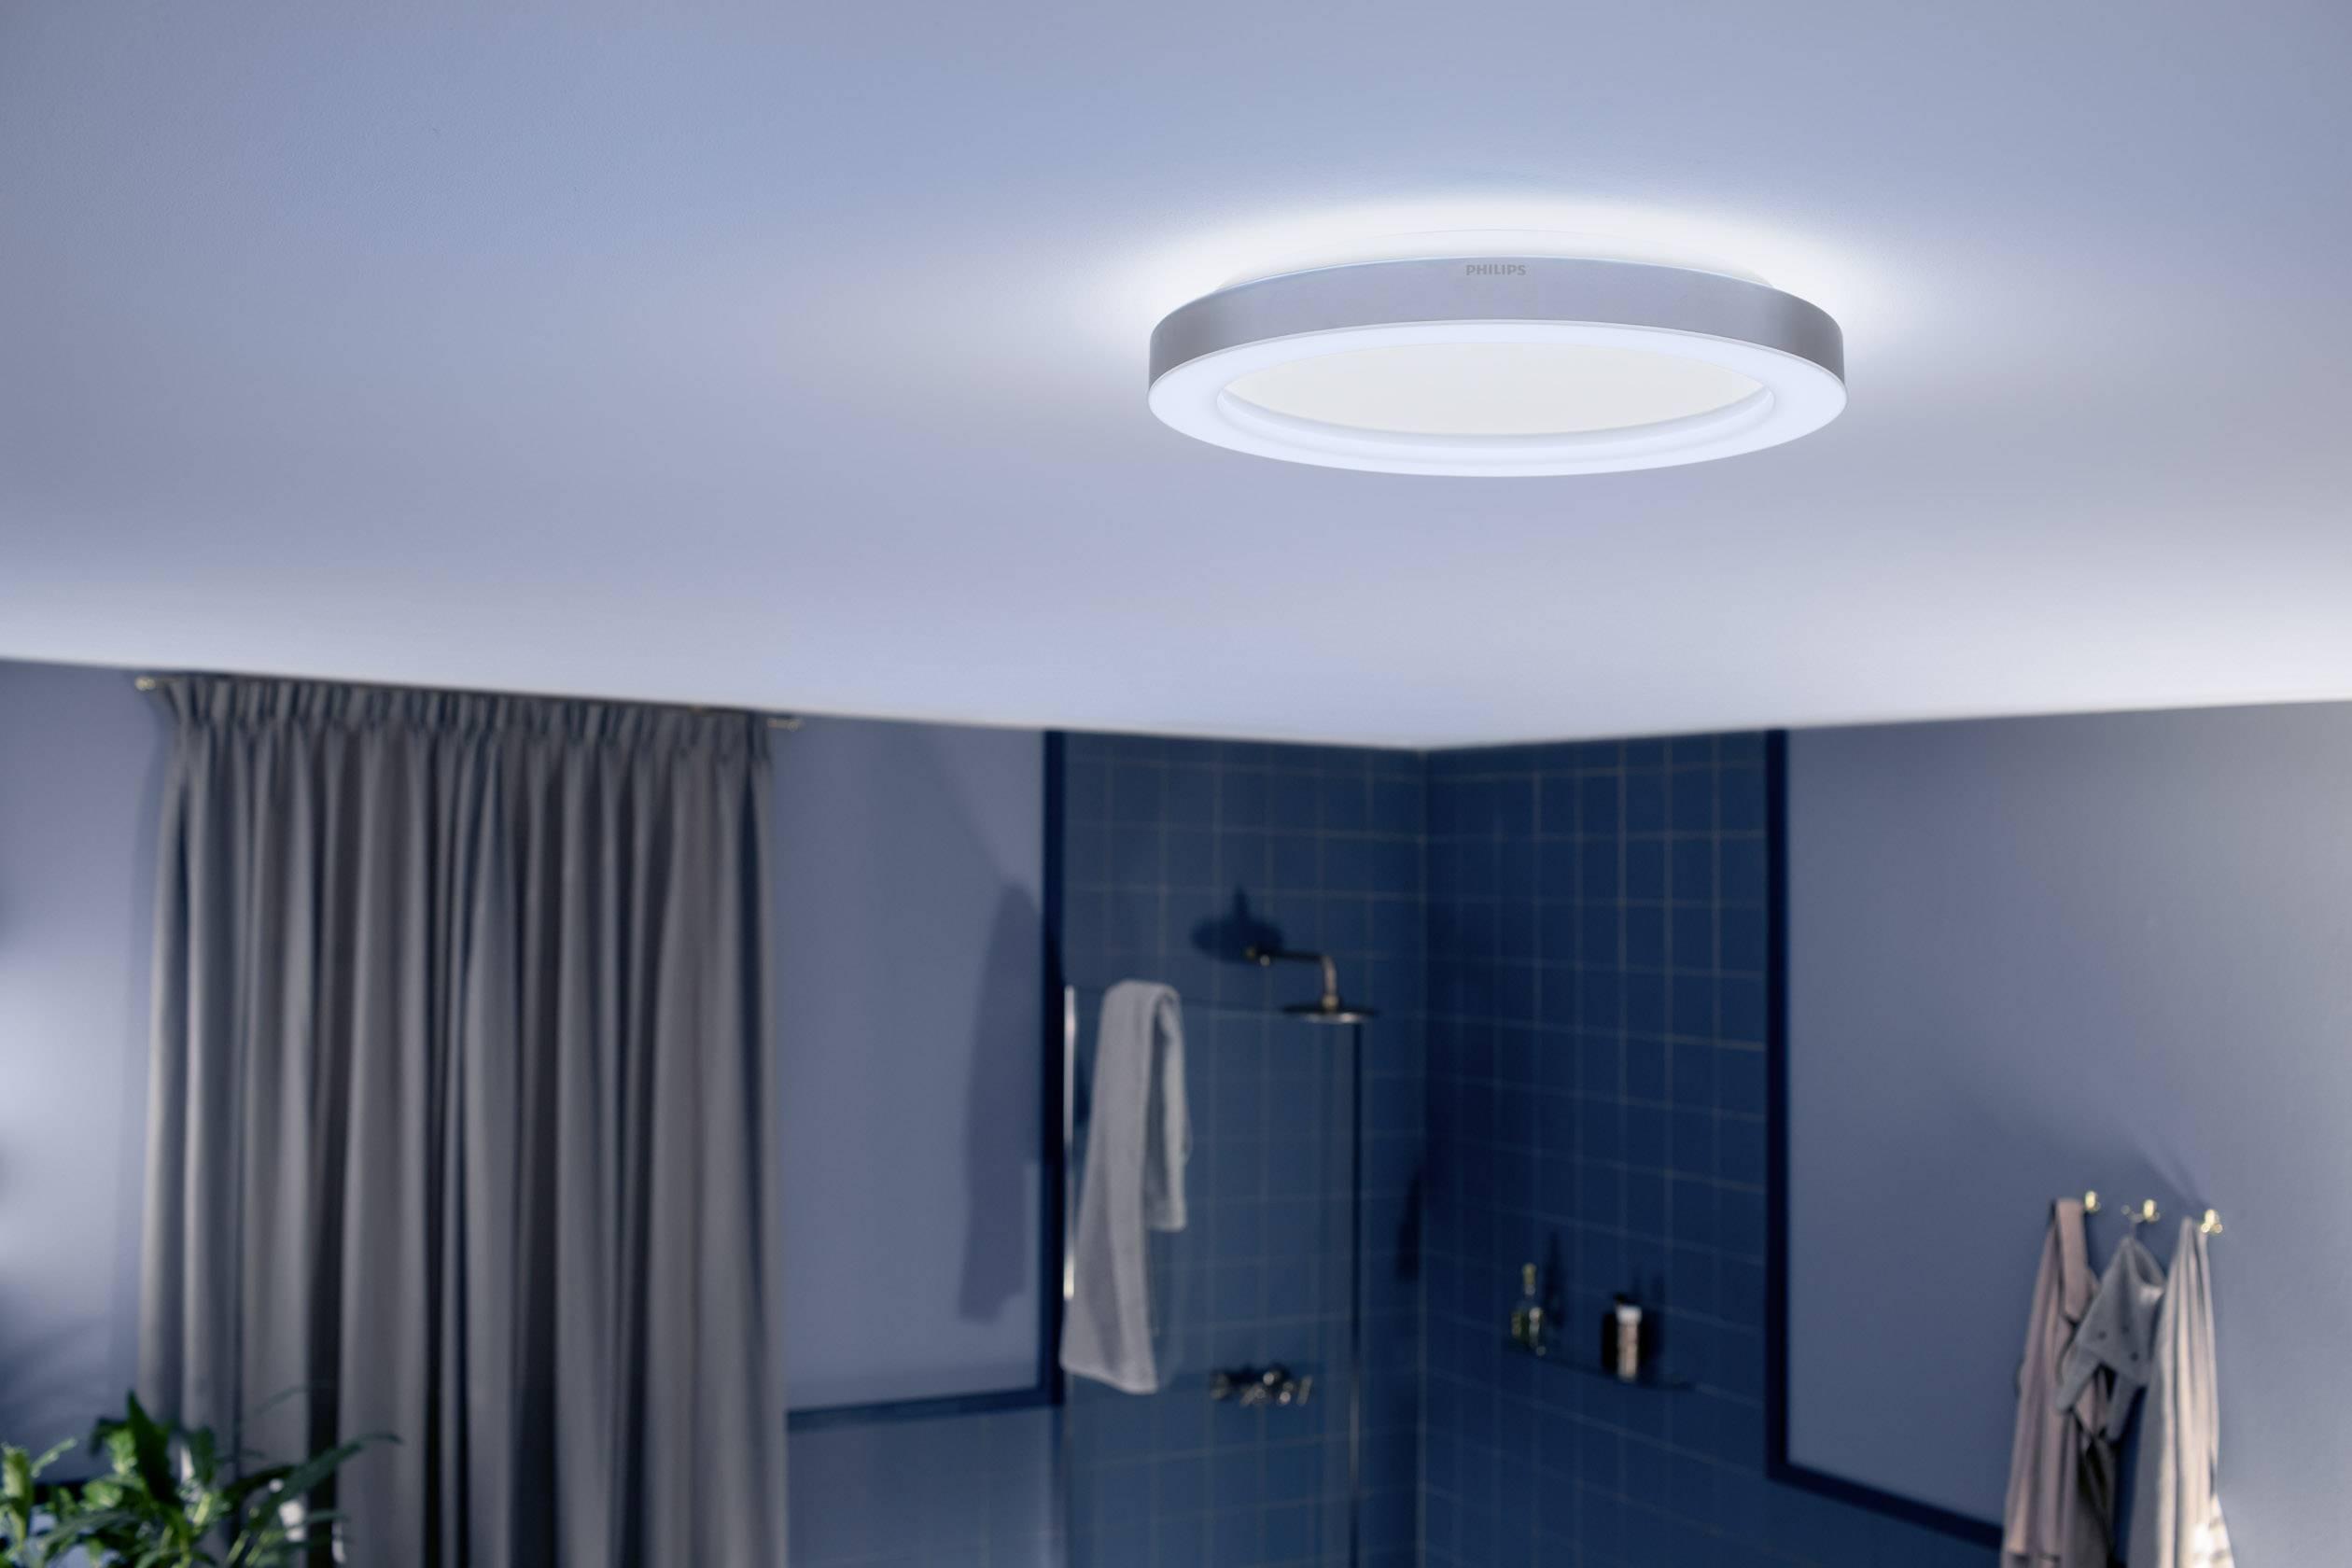 Philips lighting hue lampada soffitto led da bagno con interruttore